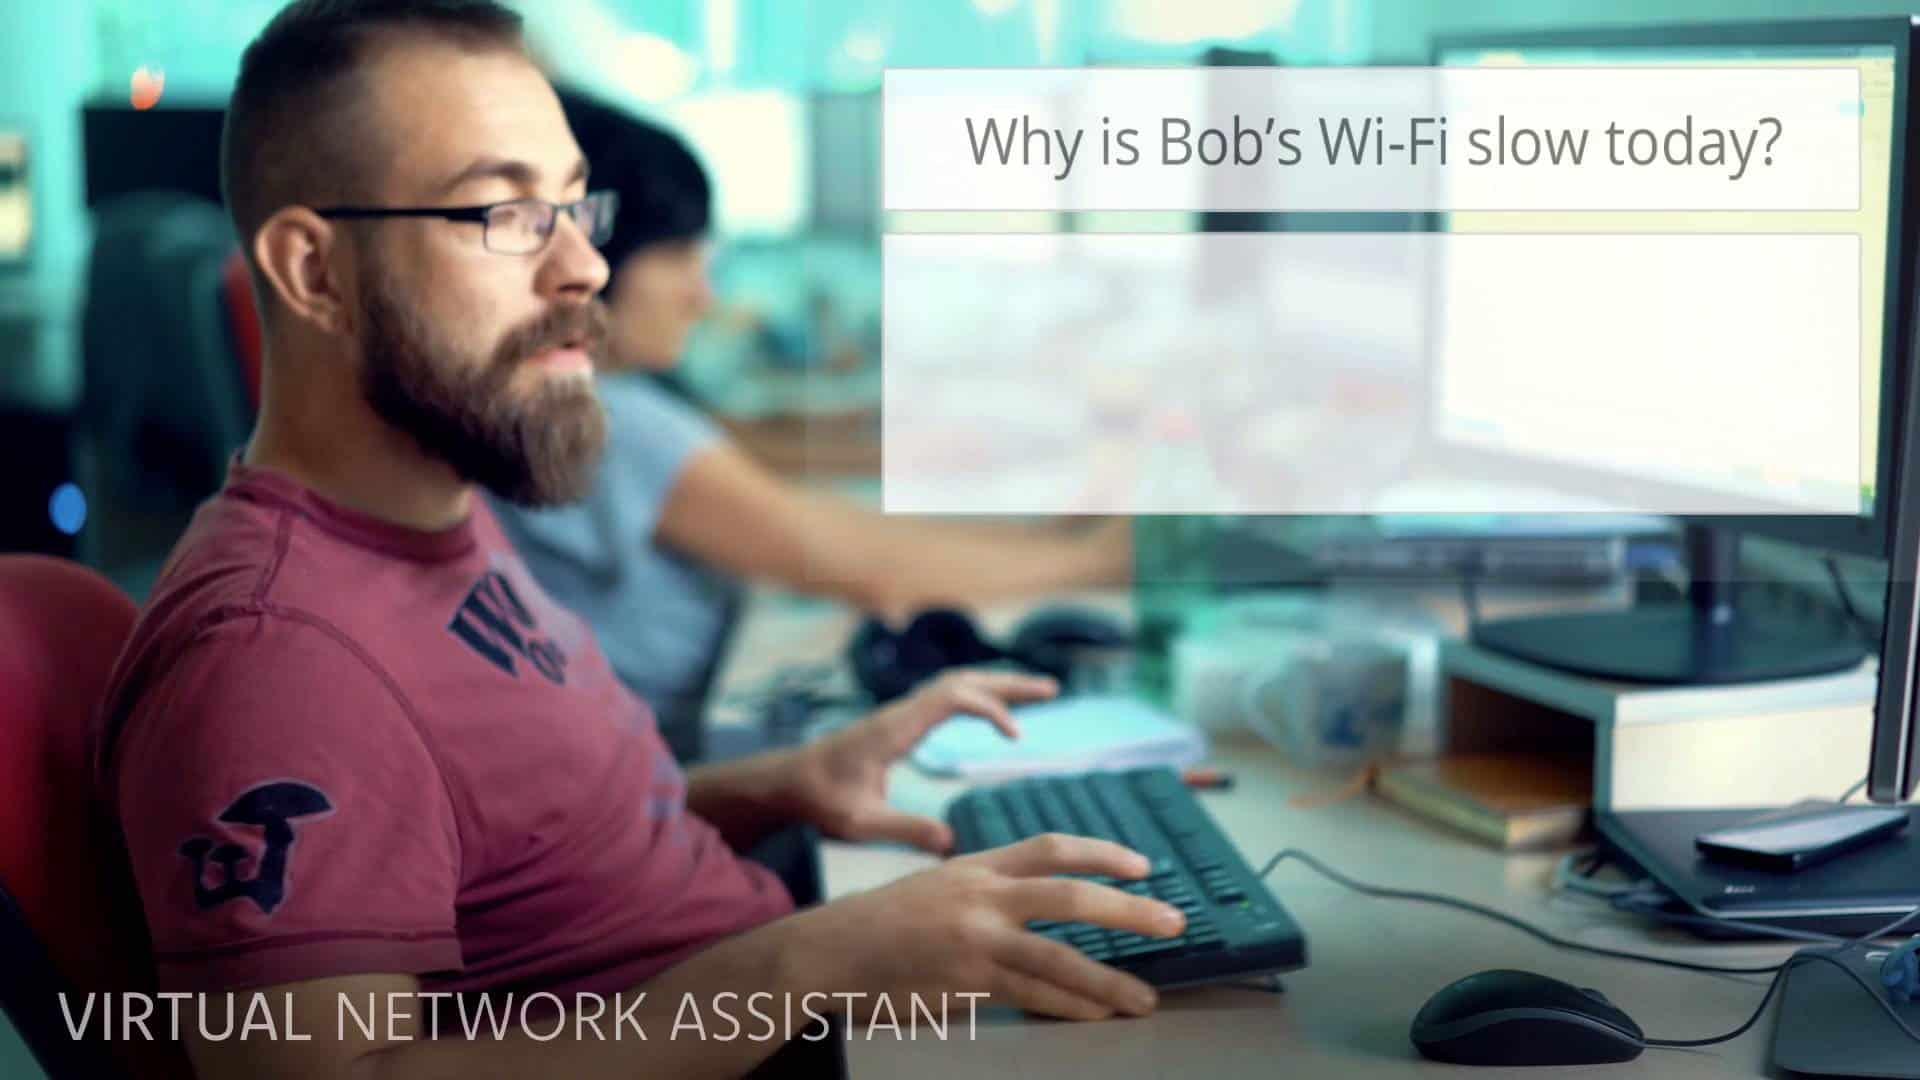 Ein modernes WLAN Netzwerk lässt sich aus diesem Grund inzwischen nur noch effektiv durch KI-gesteuerte Systeme effizient verwalten. WLAN Mist Juniper wirelessmaxx experte berater